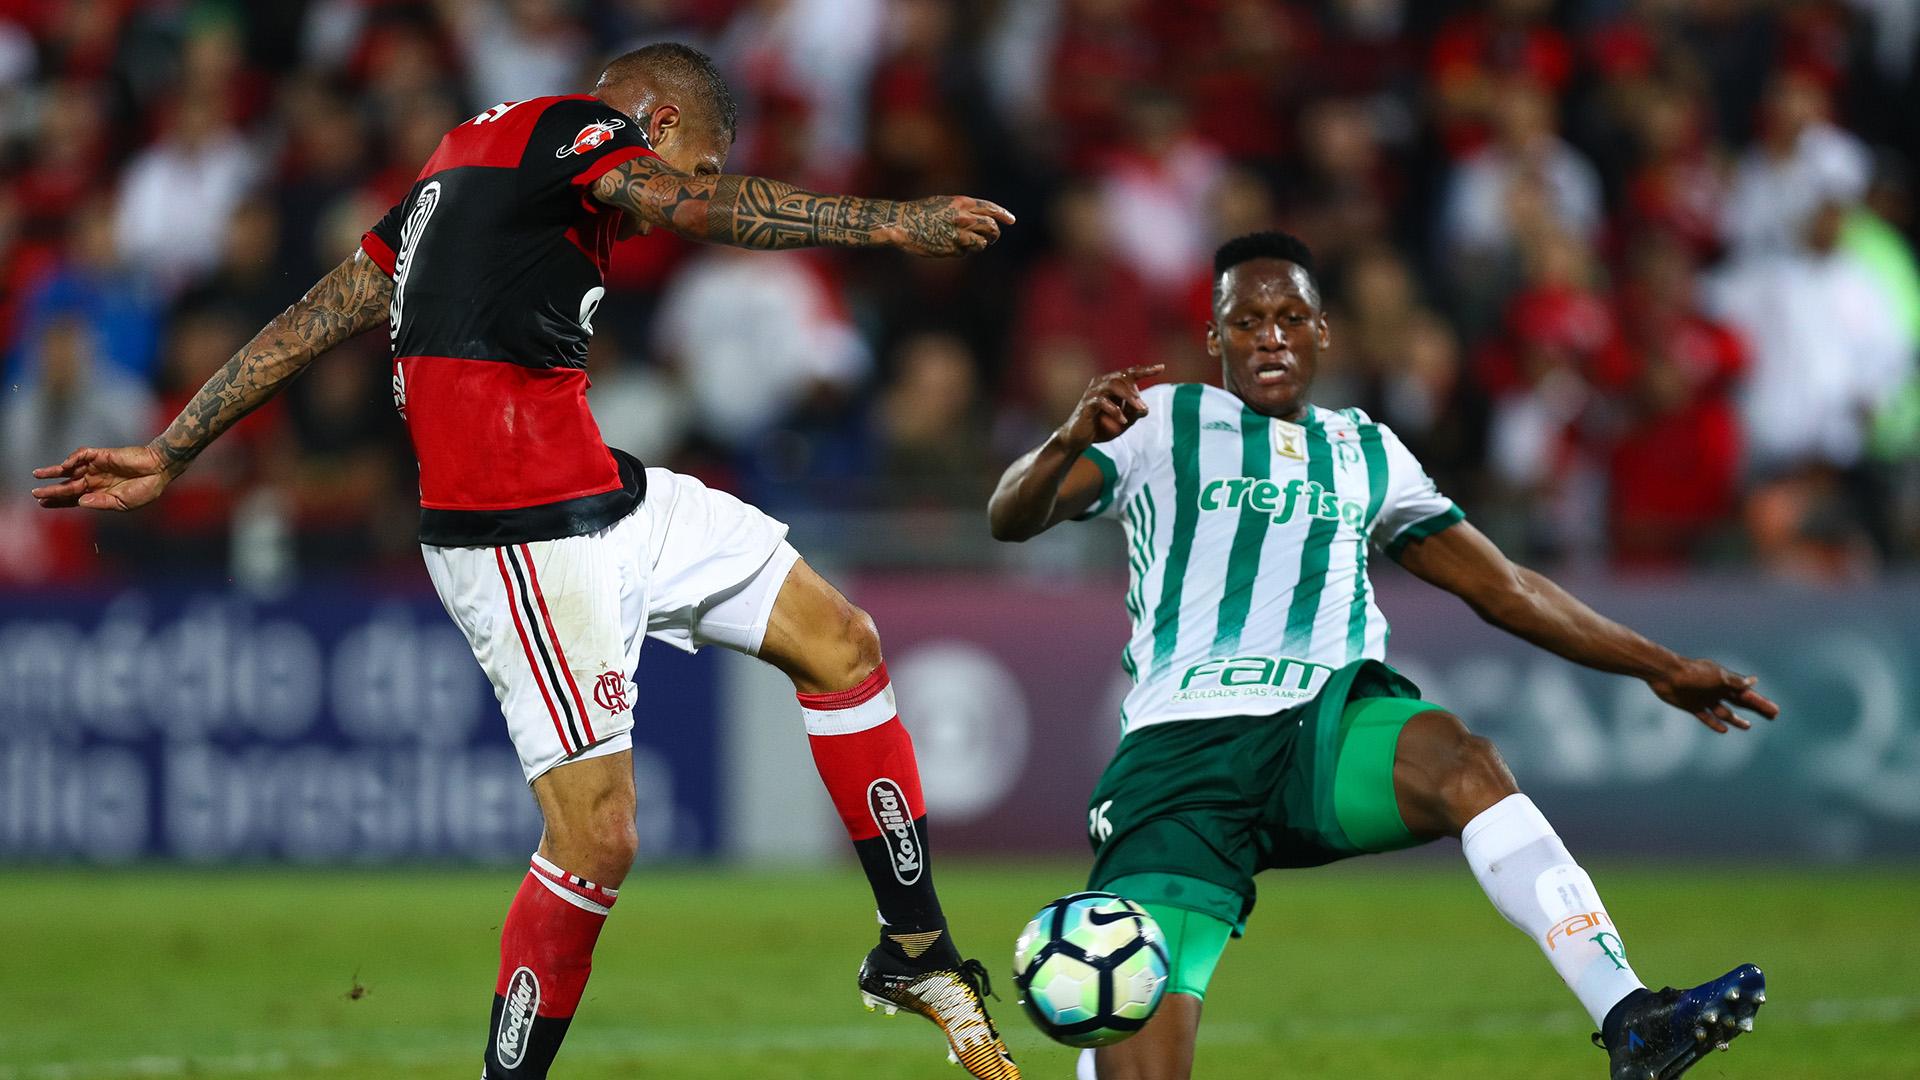 Yerry Mina Paolo Guerrero Palmeiras Flamengo Brasileirao Serie A 19072017